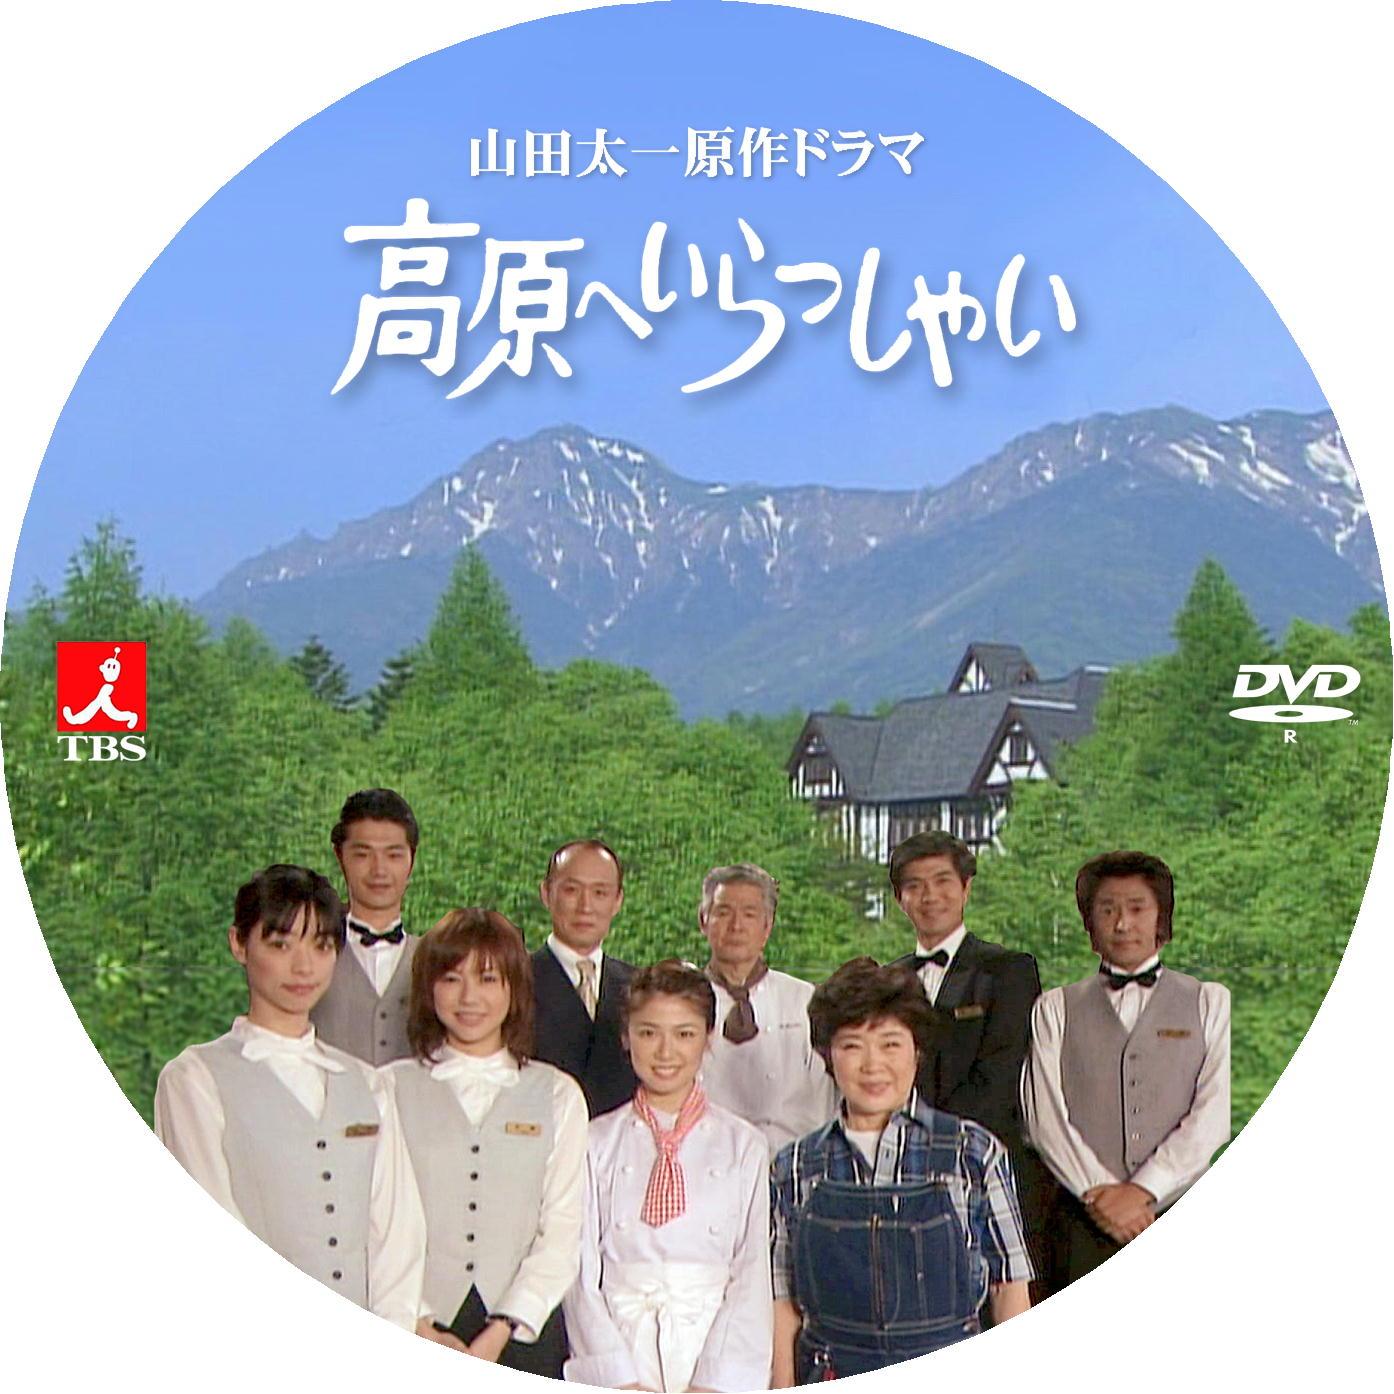 高原へいらっしゃい DVDラベル